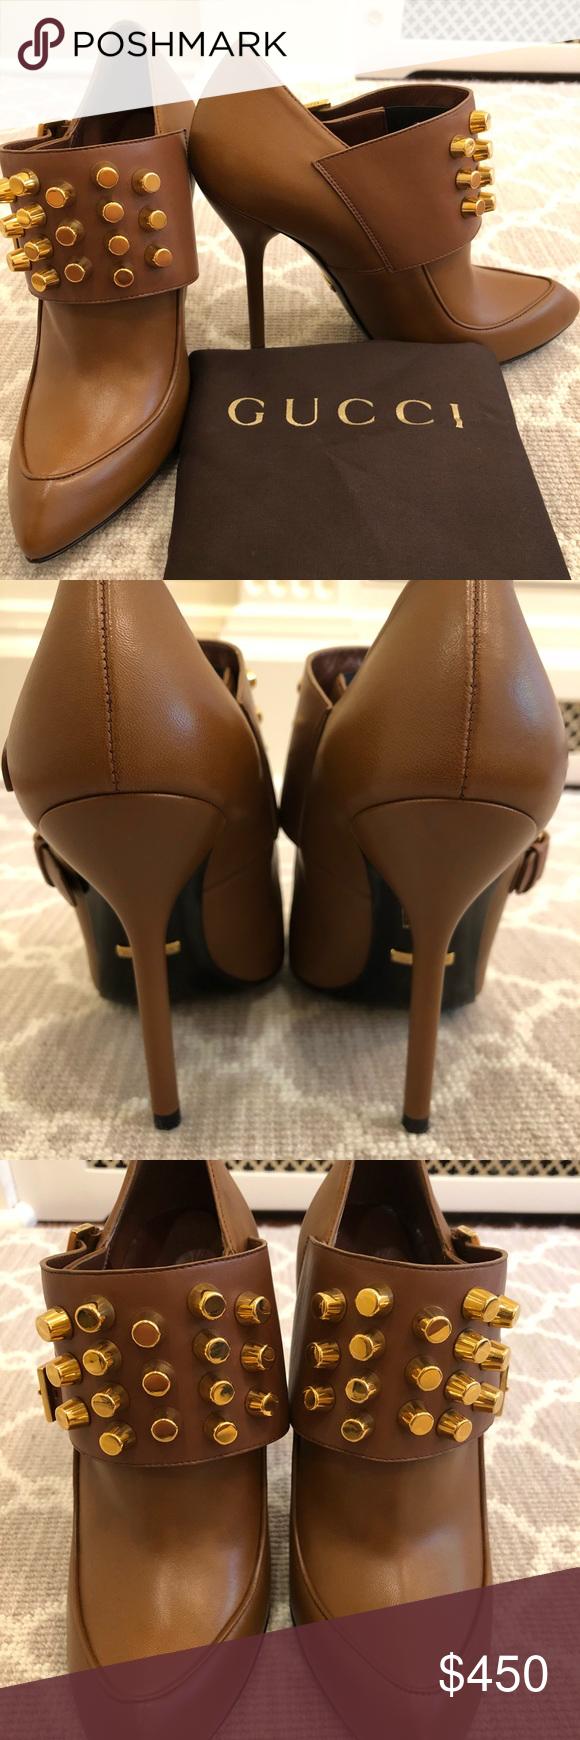 2ed12e51e Gucci Alexandra Nappa Charlotte Lifford Booties NEVER BEEN WORN Gucci  Alexandra booties in Cognac and original